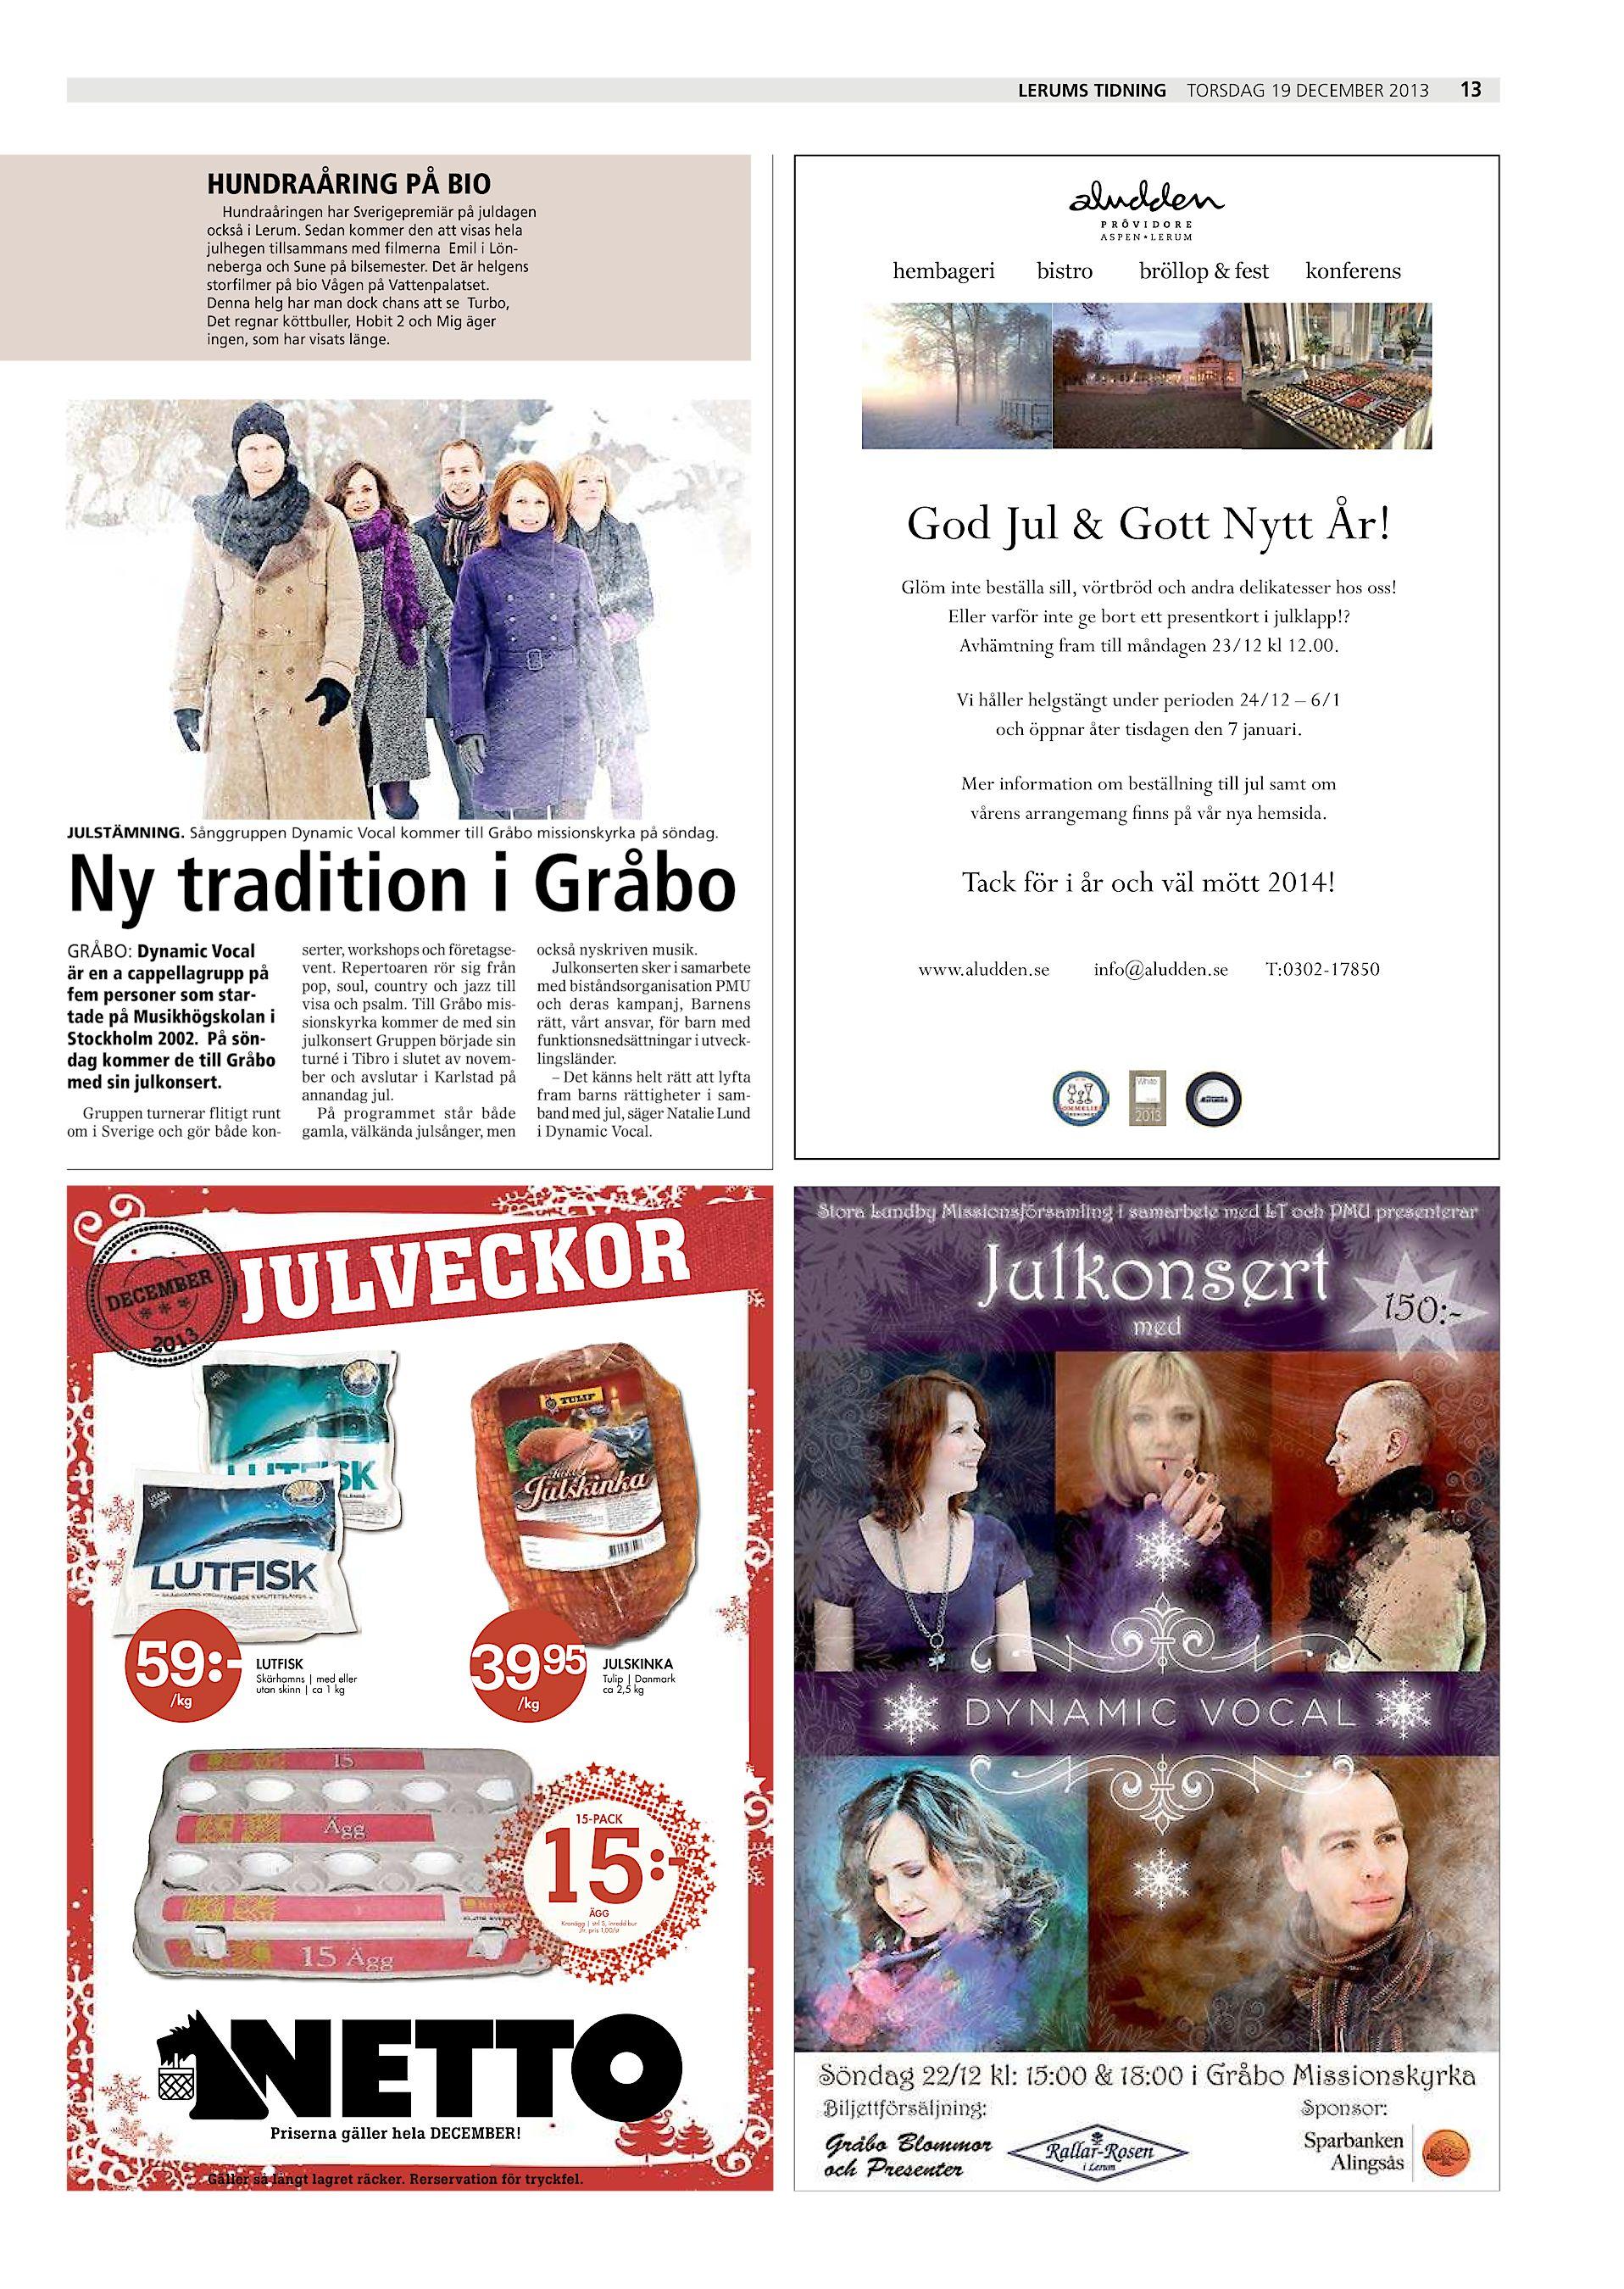 748527dd4d7e LERUMS TIDNING TORSDAG 19 DECEMBER 2013 HUNDRAÅRING PÅ BIO Hundraåringen har  Sverigepremiär på juldagen också i Lerum. Sedan kommer den att visas hela  ...